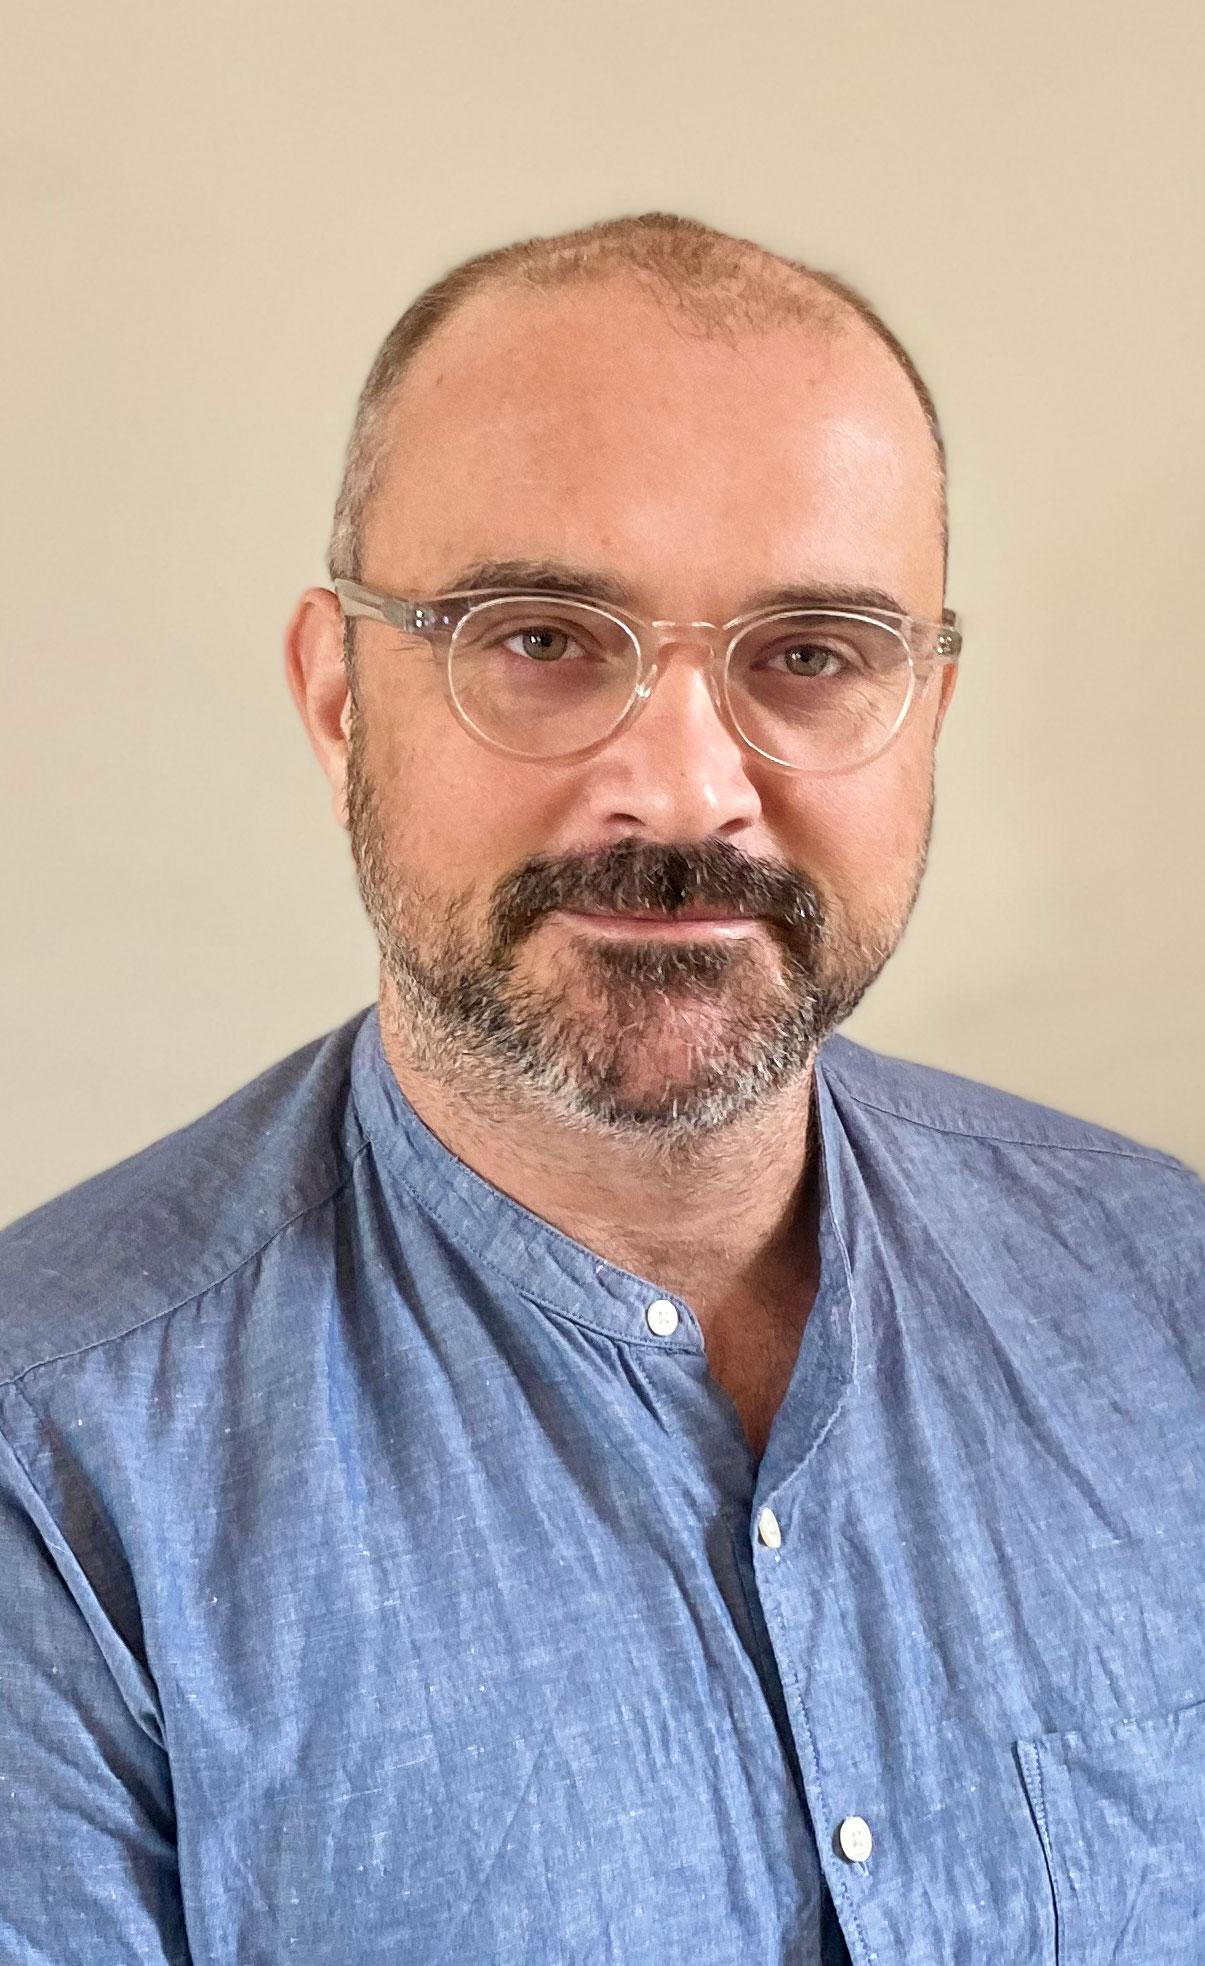 Yannis Munro